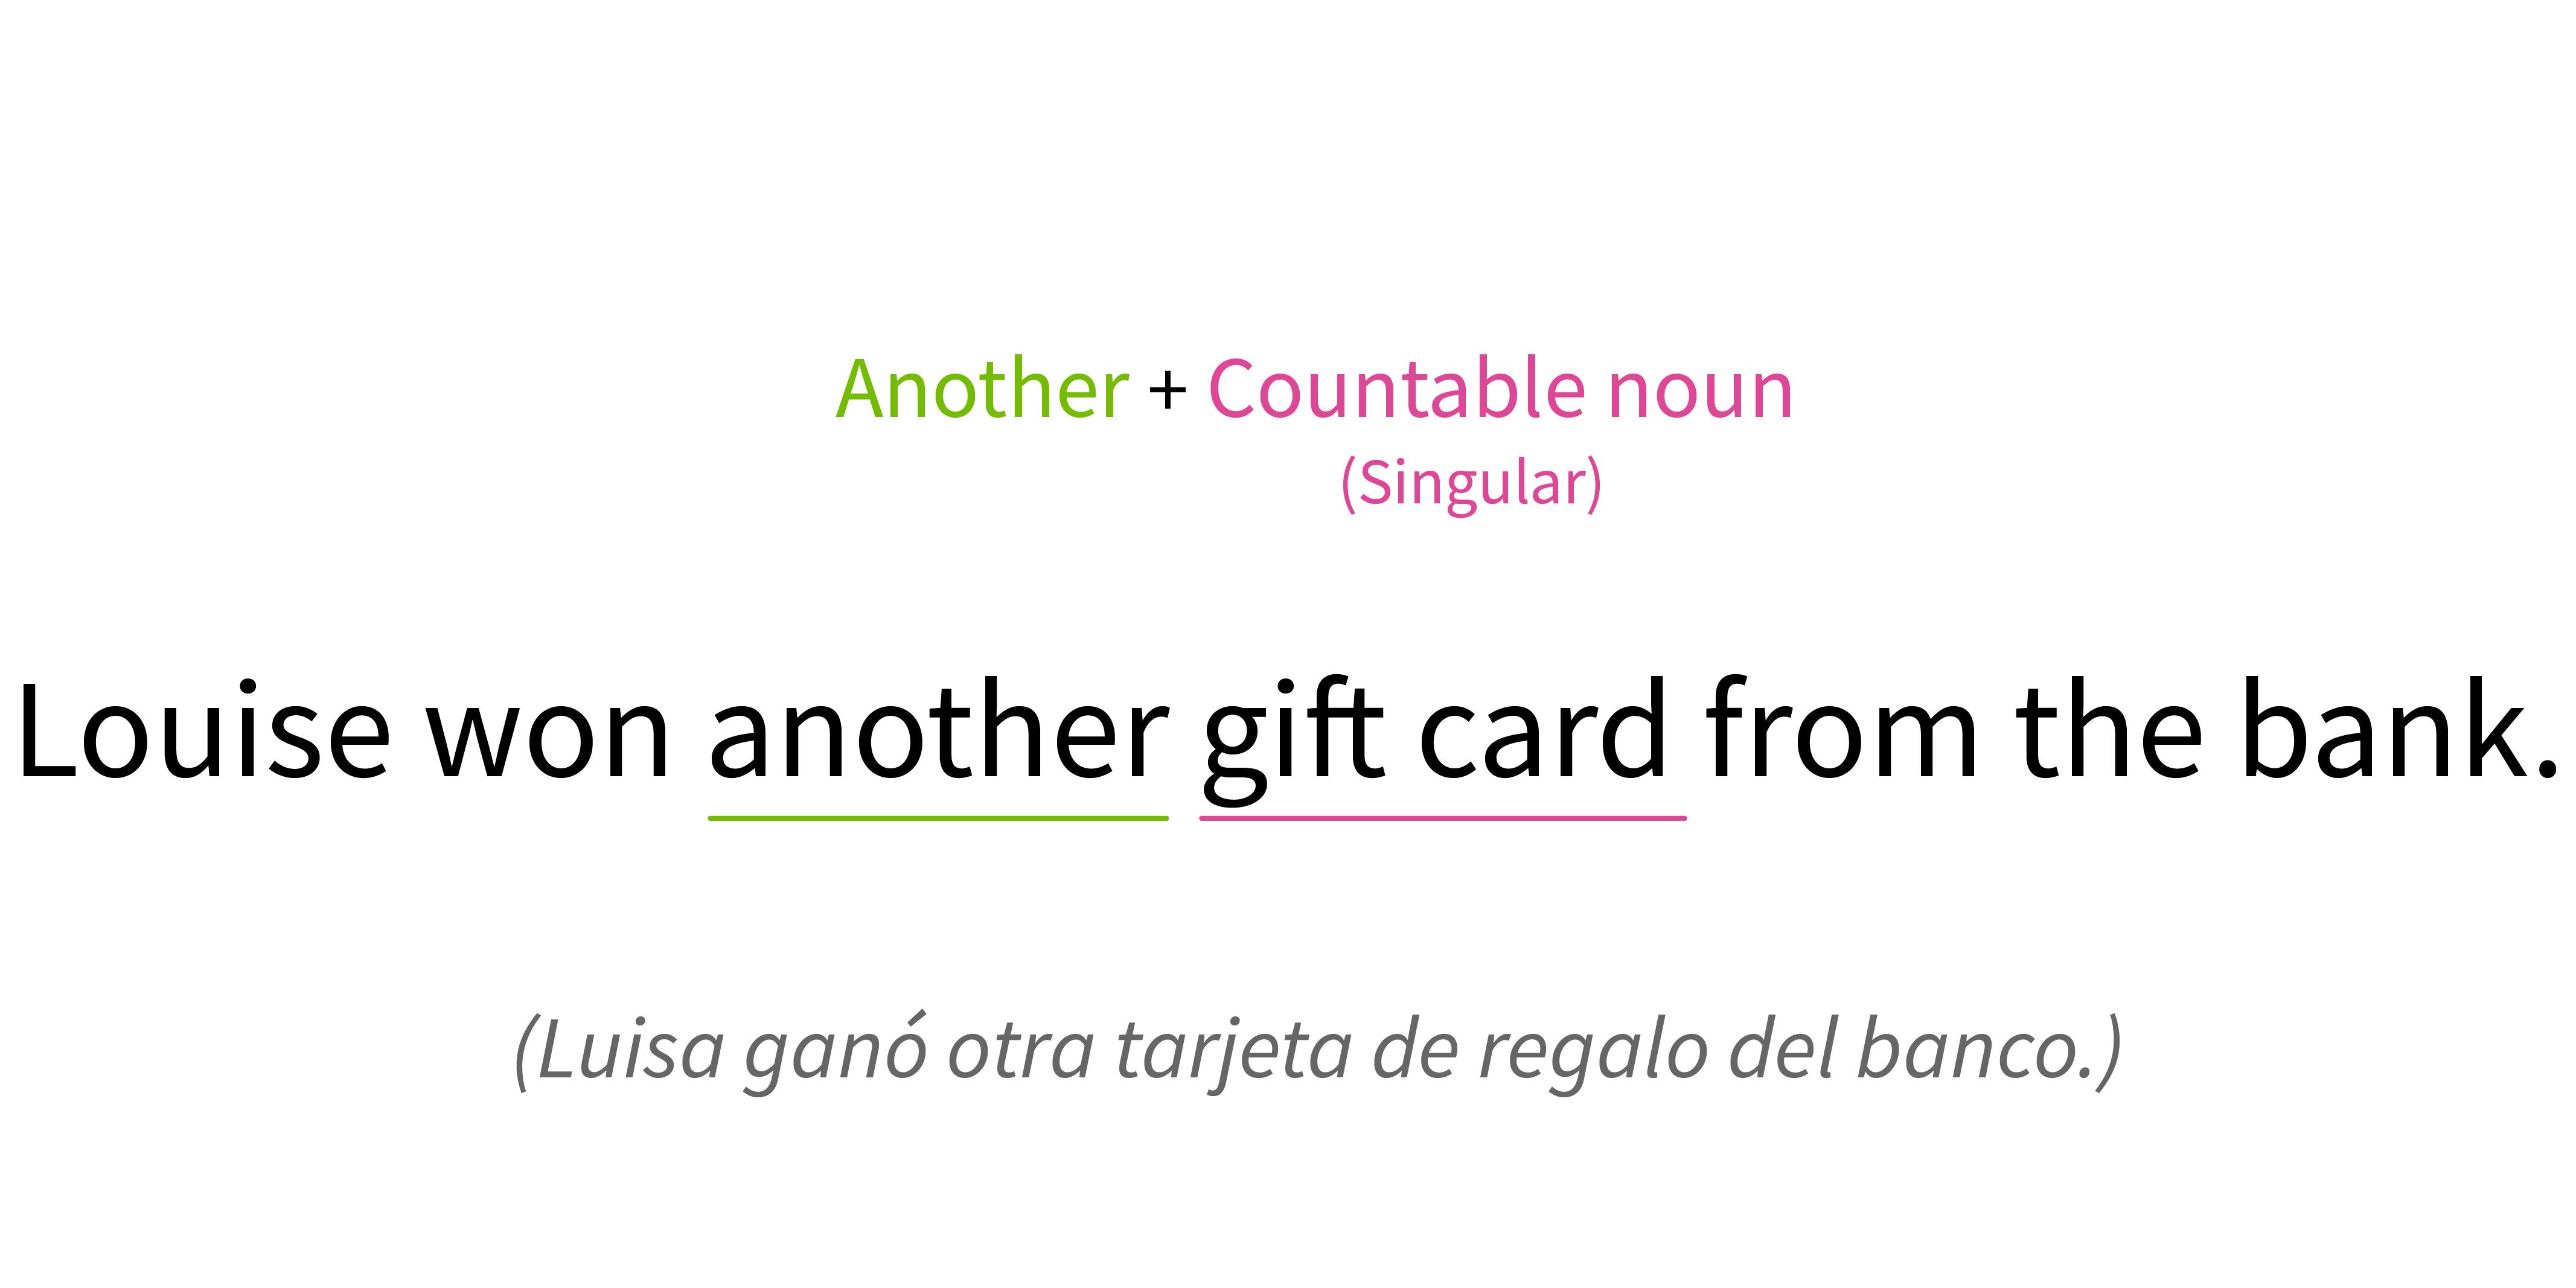 Conjugación de Another con un sustantivo singular contable.